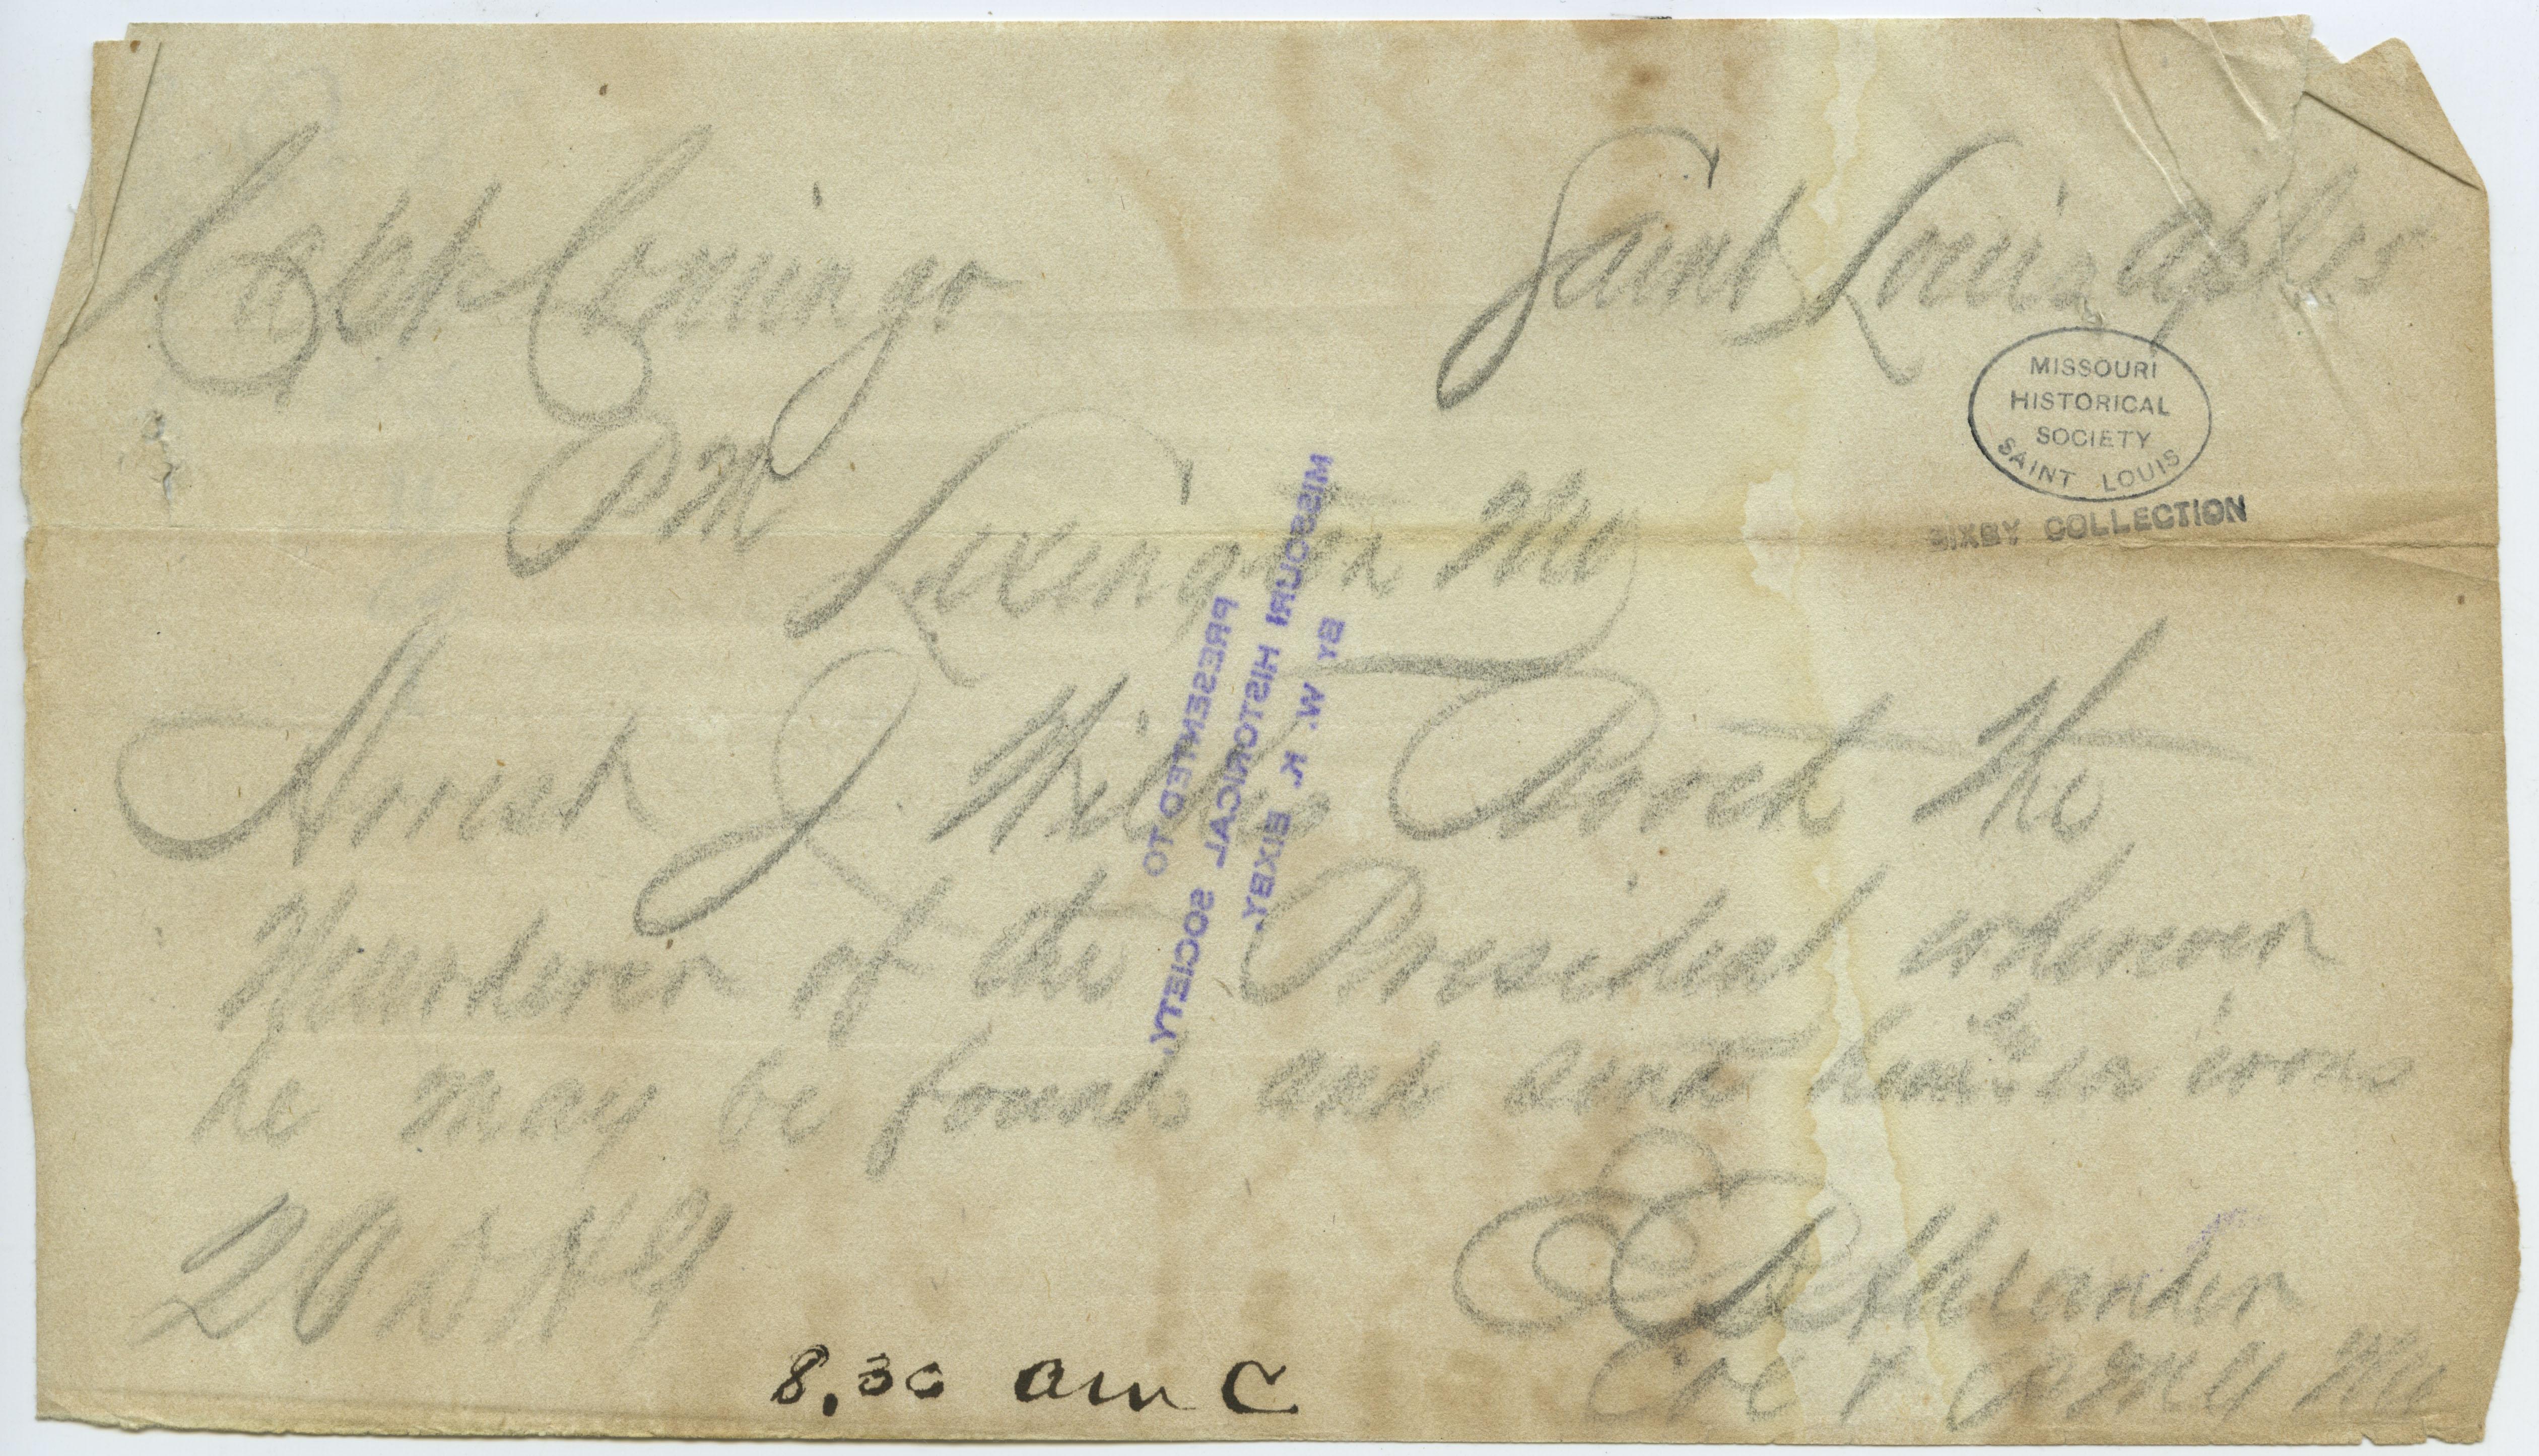 Contemporary copy of telegram of E. B. Alexander, Saint Louis, to Capt. Conigo, Lexington, Mo., April 15, [1865]